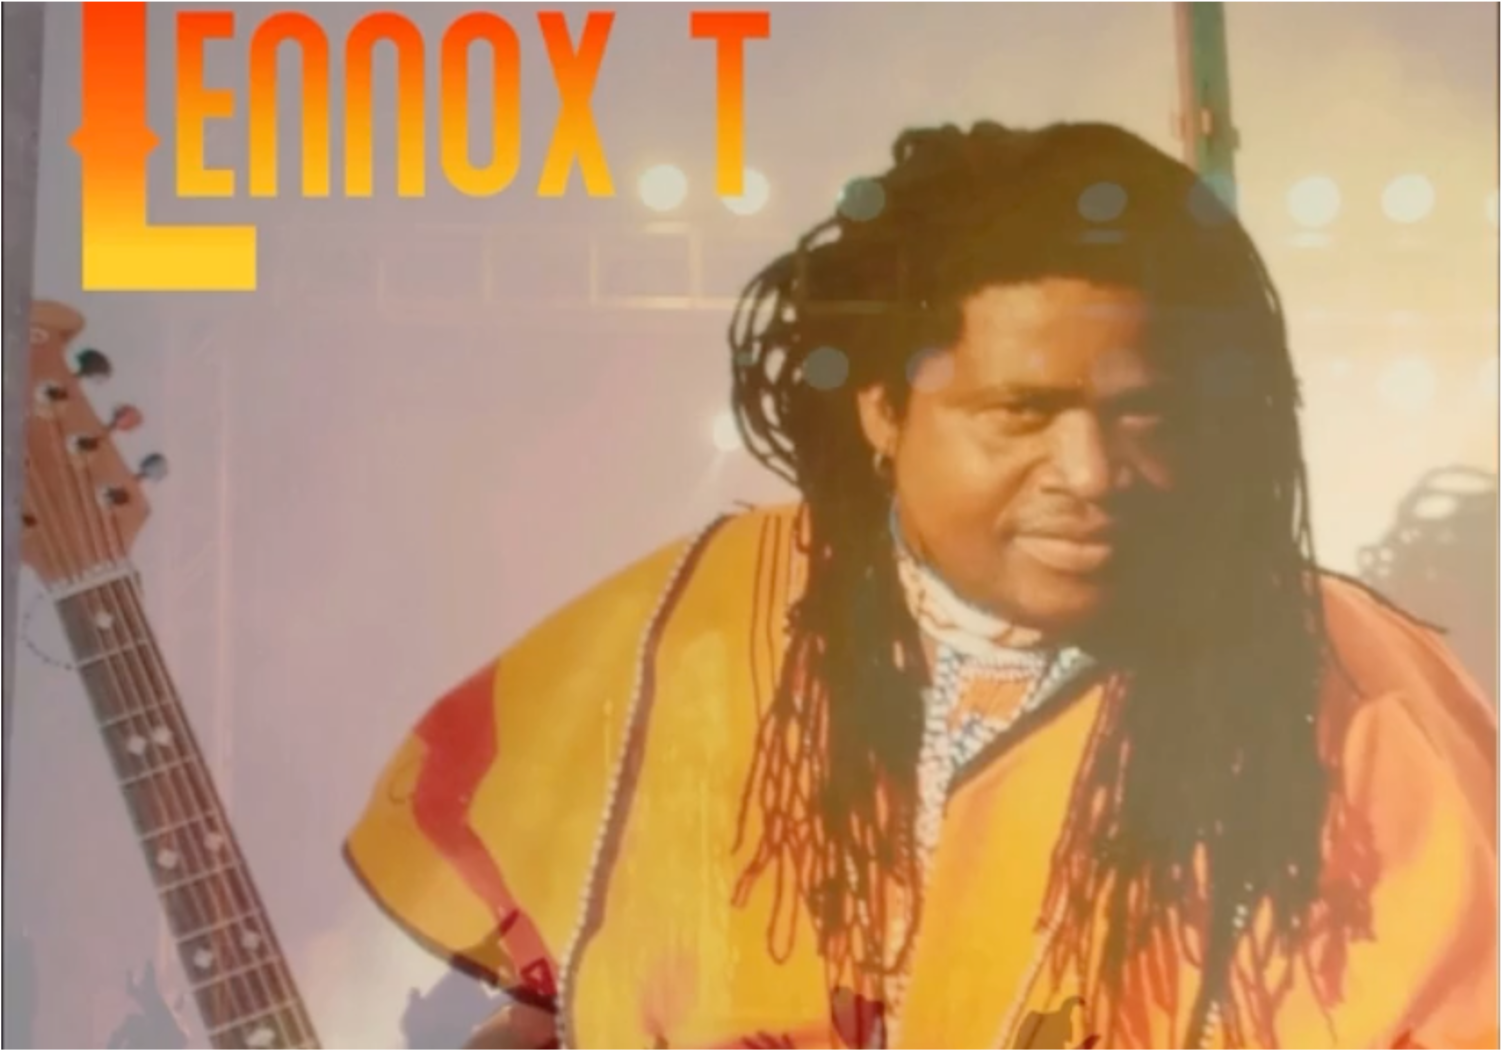 lennox website